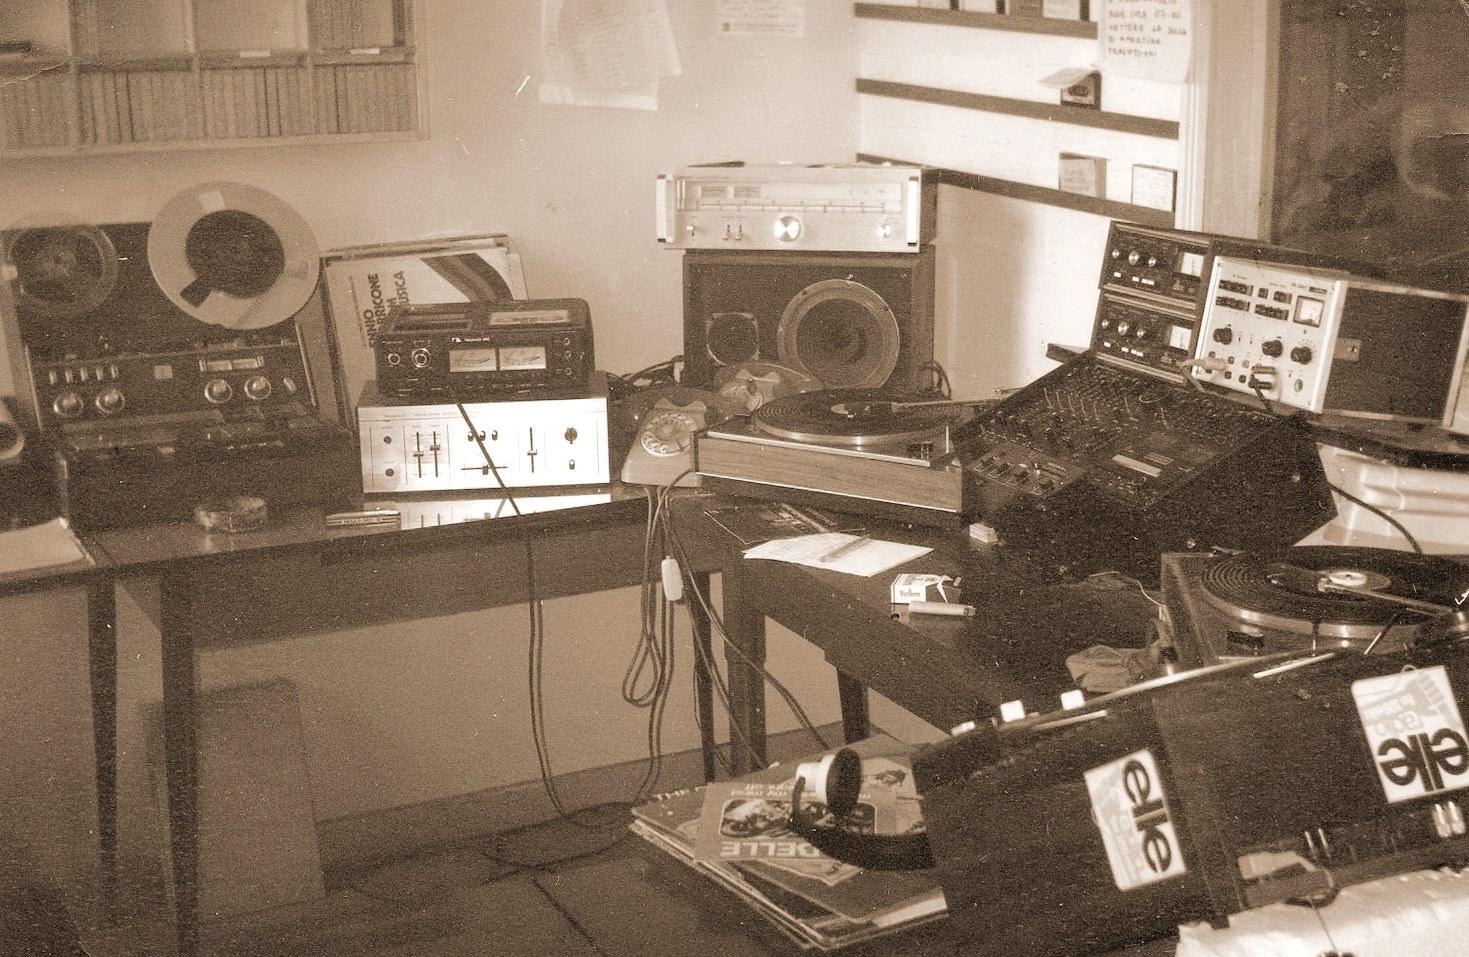 Radio Elle Chieti studio - Radio. Il viaggio di Enzo Mauri tra i protagonisti delle emittenti libere degli anni '70 e '80